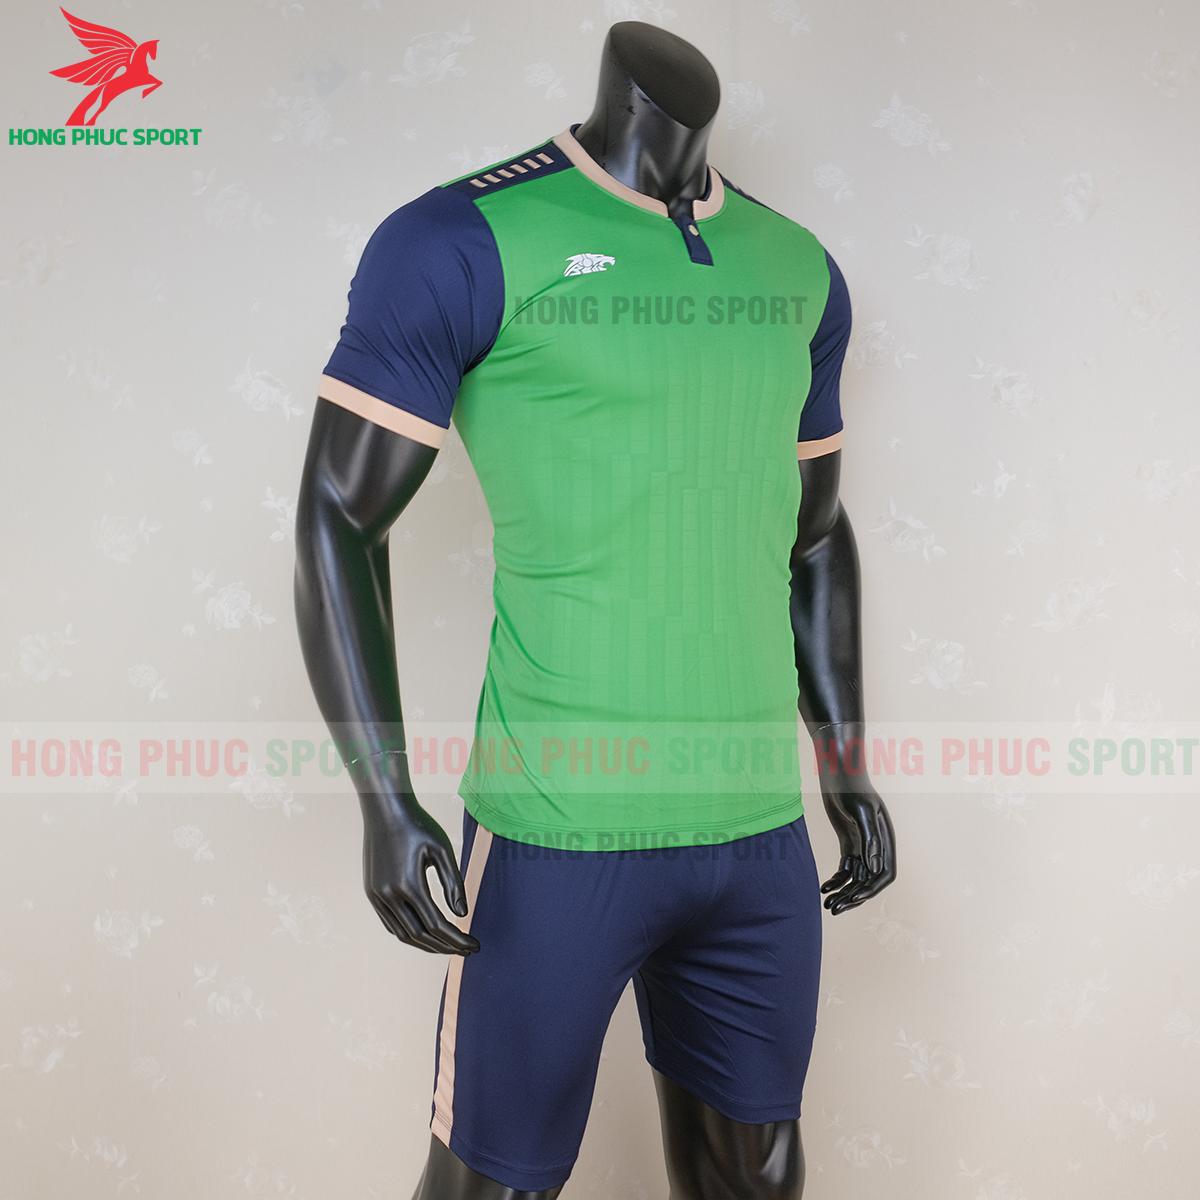 https://cdn.hongphucsport.com/unsafe/s4.shopbay.vn/files/285/ao-bong-da-khong-logo-riki-neck-xanh-la-cay-4-5f71aa9c0496e.png